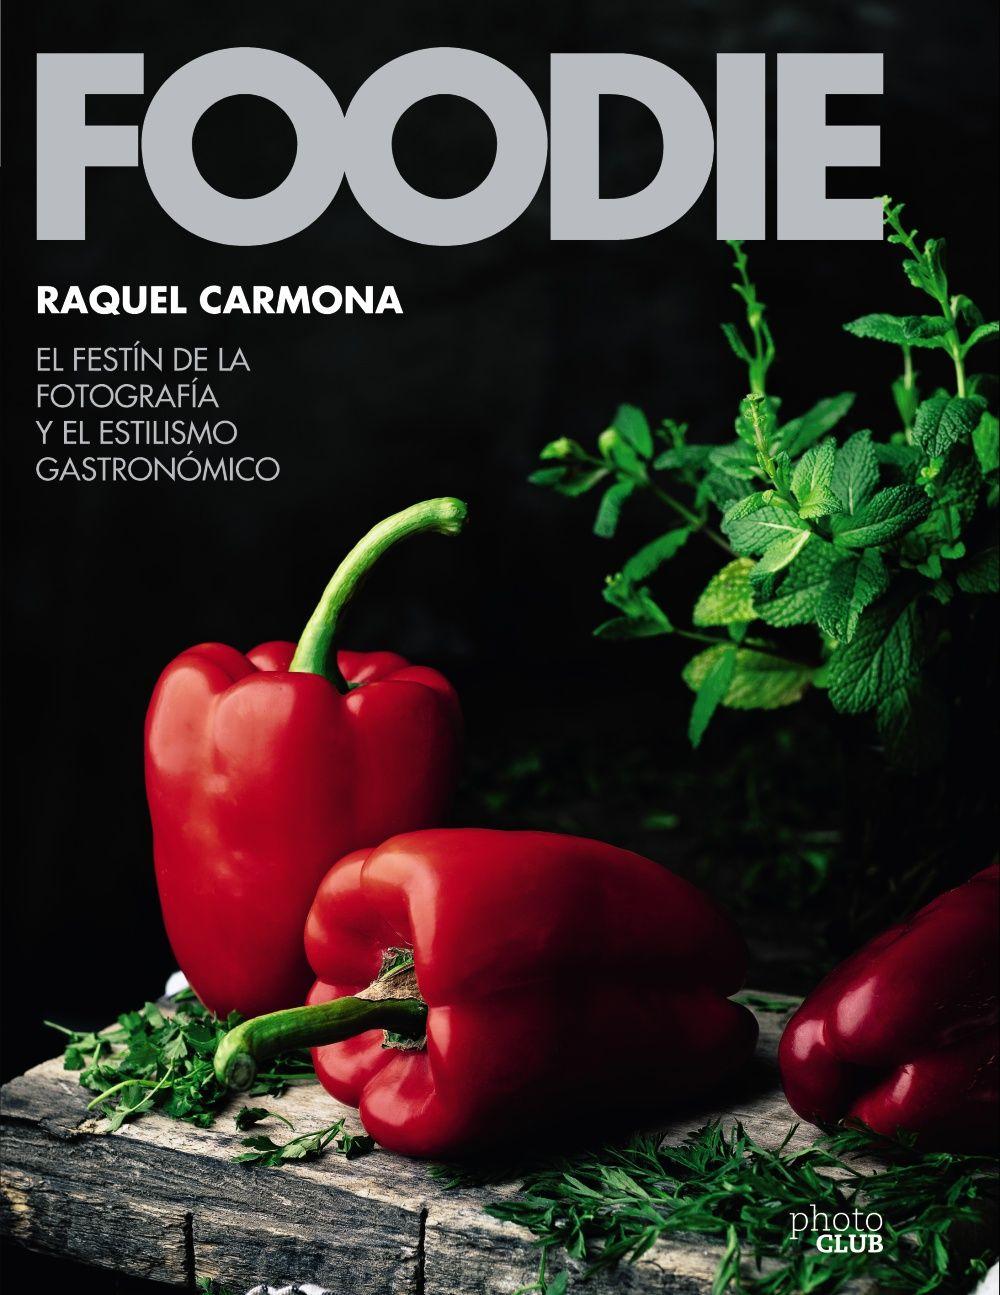 FOODIE. EL FESTÍN DE LA FOTOGRAFÍA Y EL ESTILISMO GASTRONÓMICO